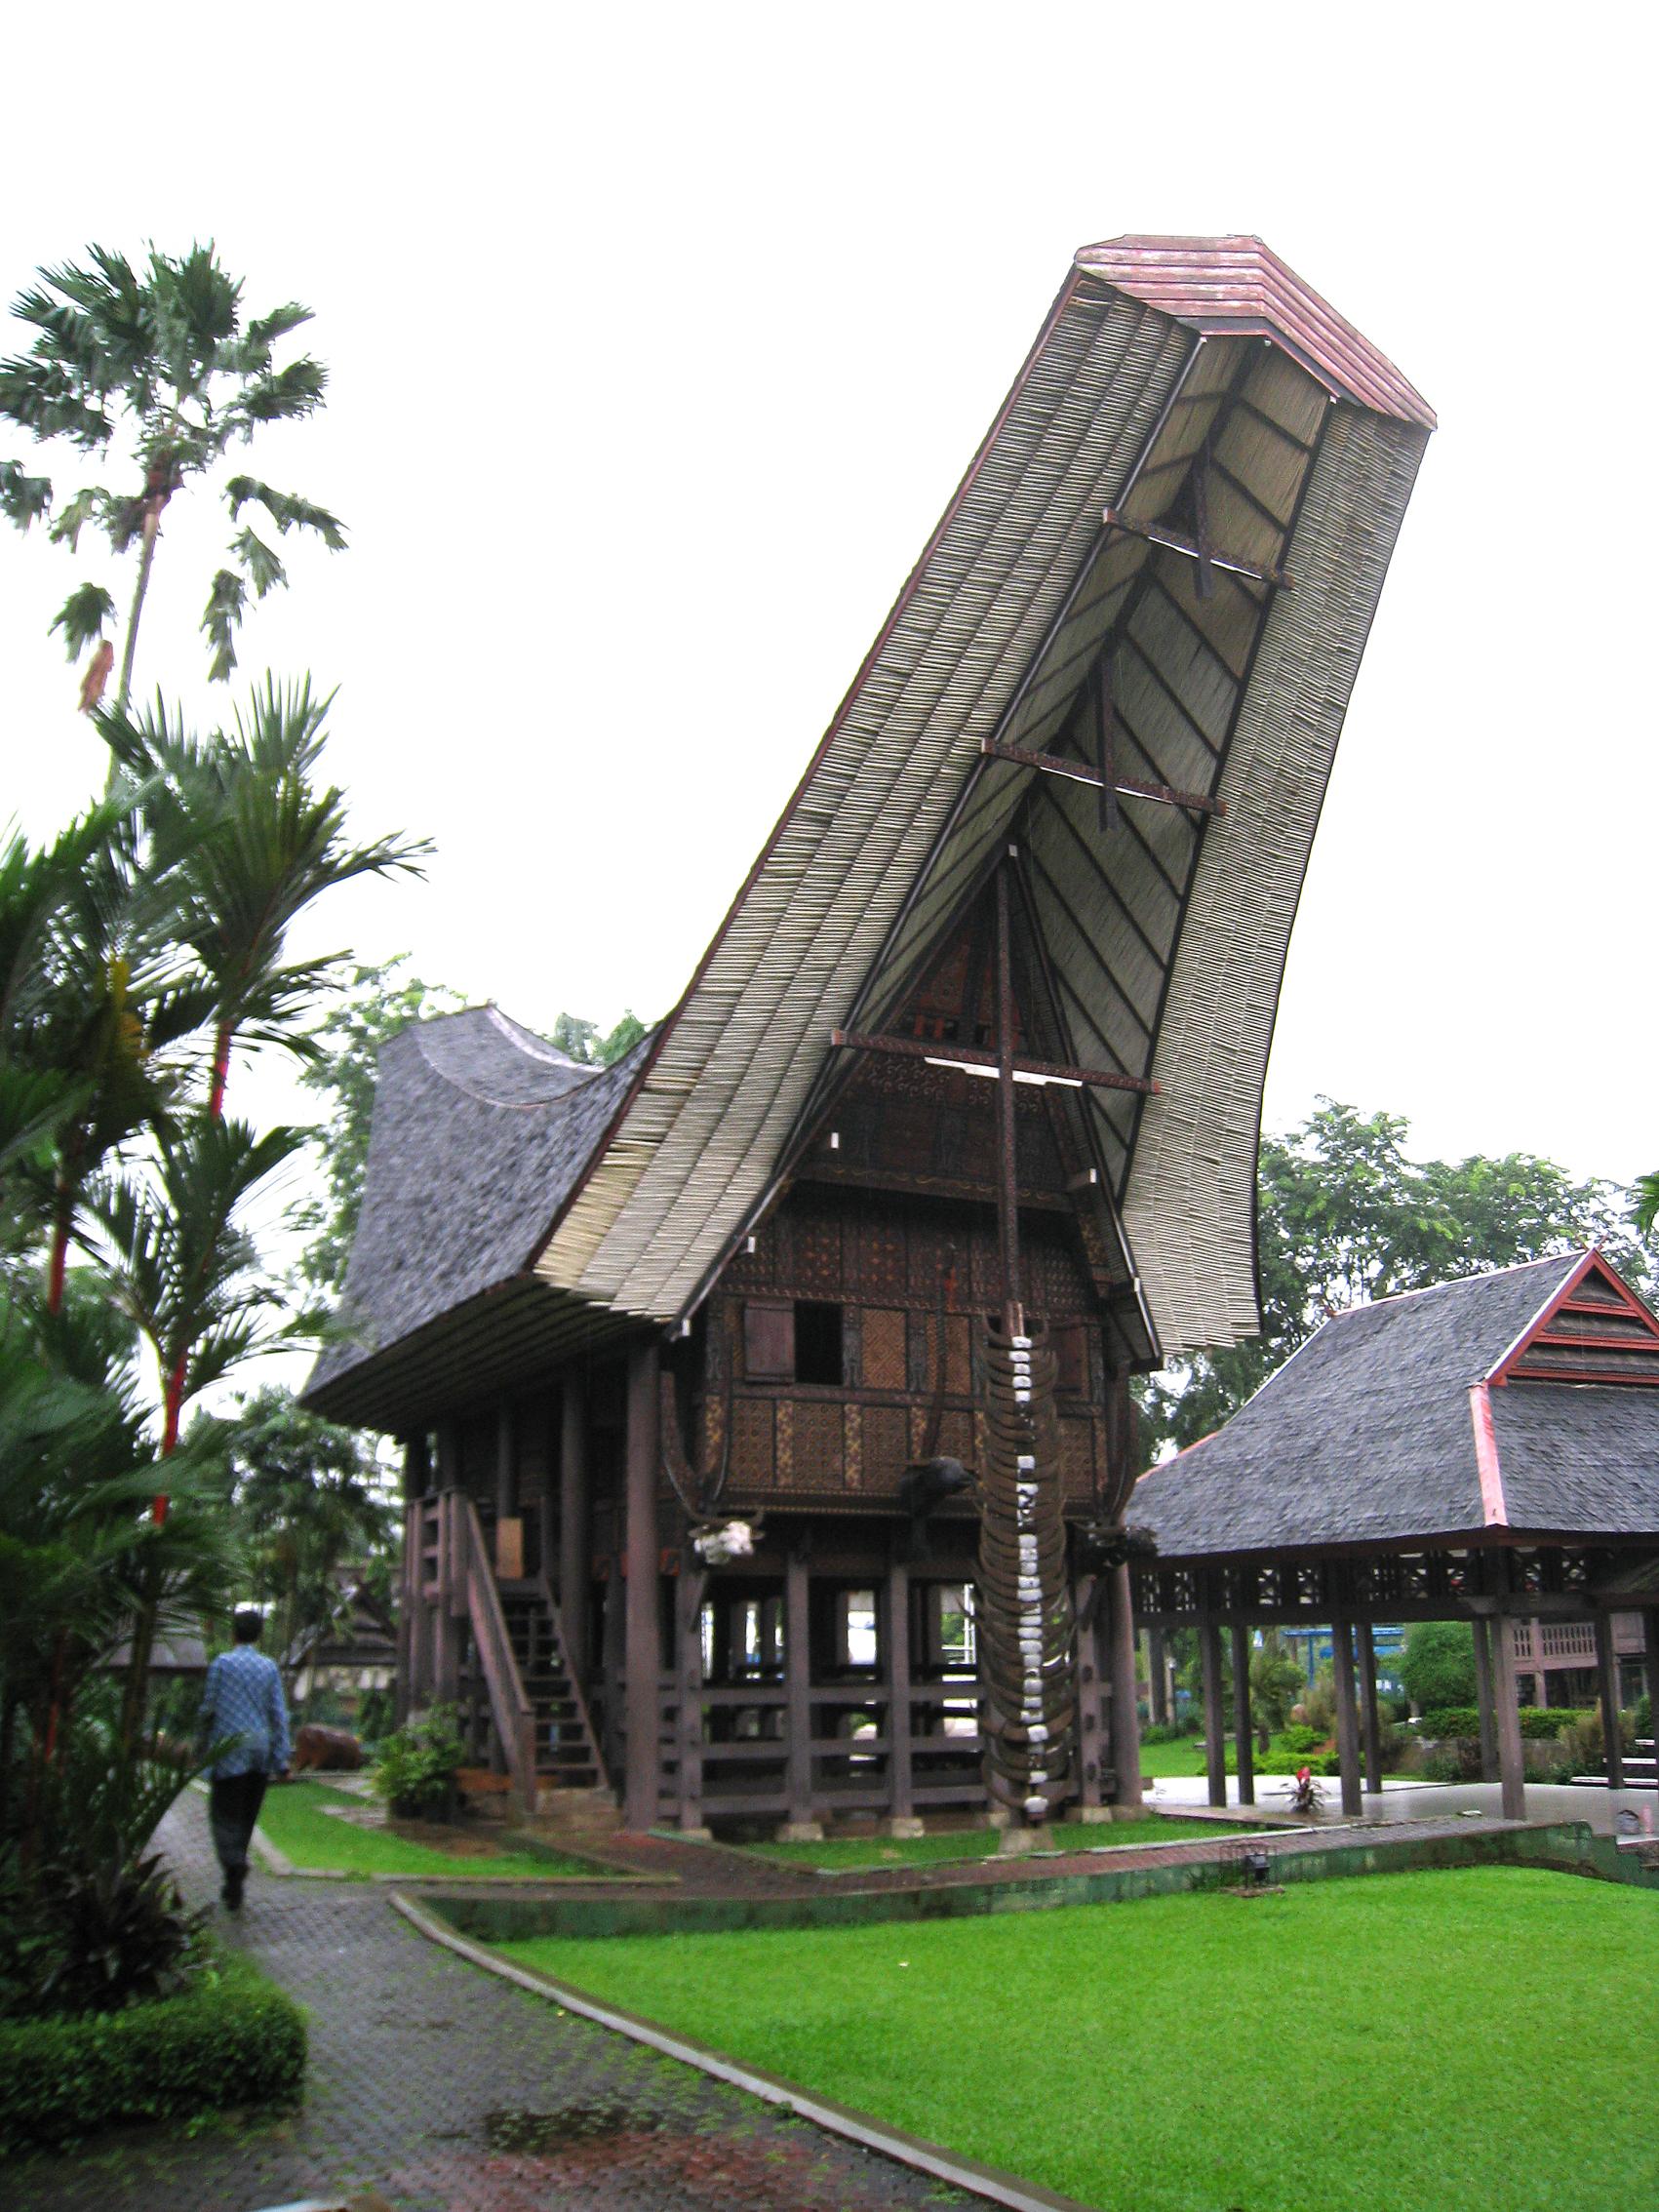 Gambar Rumah Adat Kalimantan Selatan : gambar, rumah, kalimantan, selatan, Tongkonan, Wikipedia